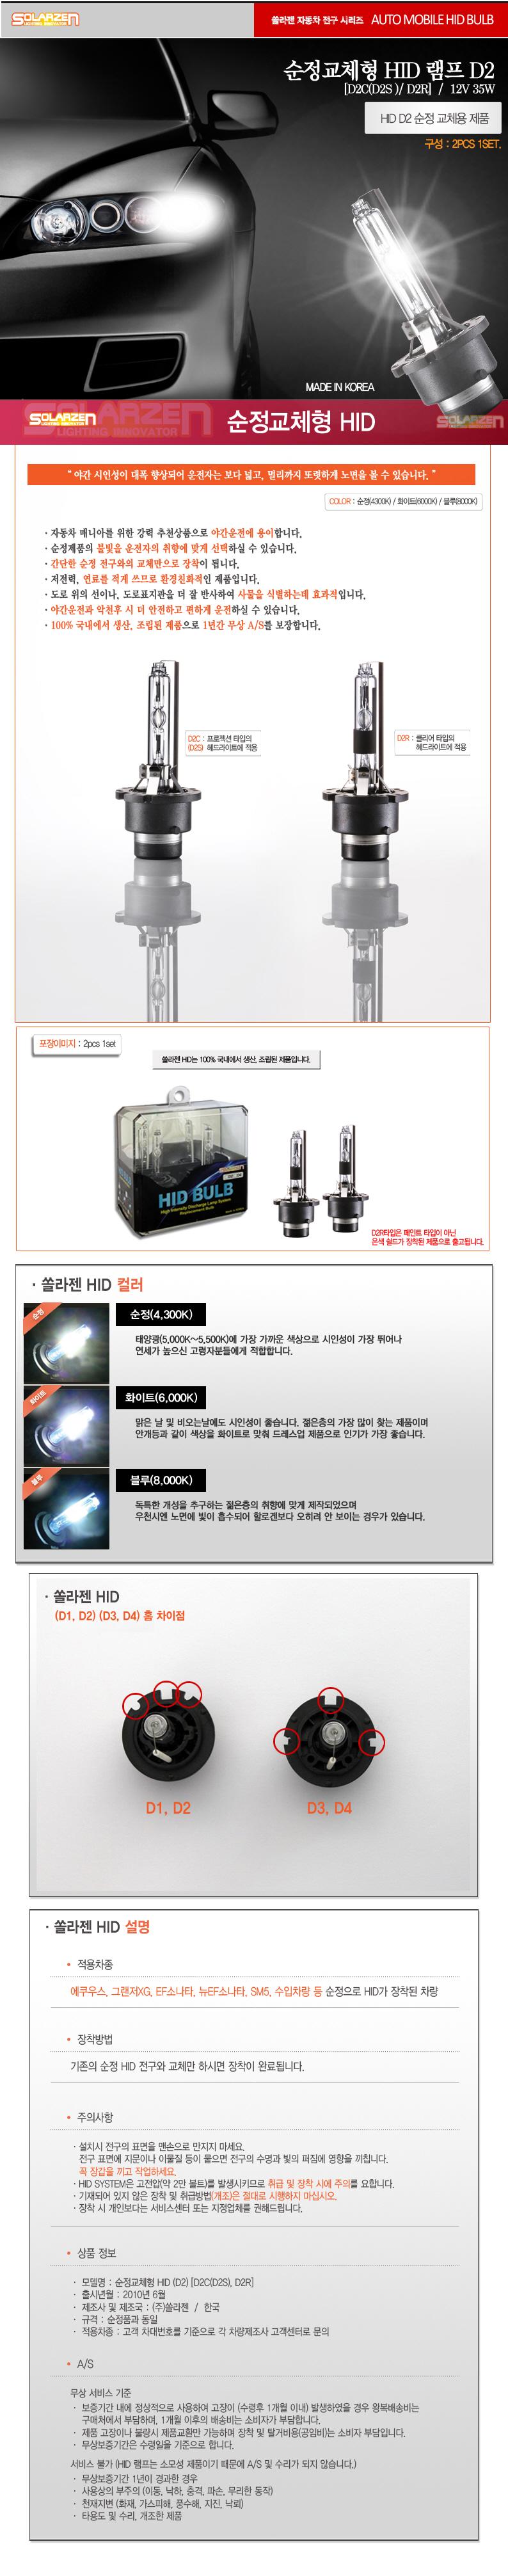 solarzen_HID_D2_explain_01.jpg